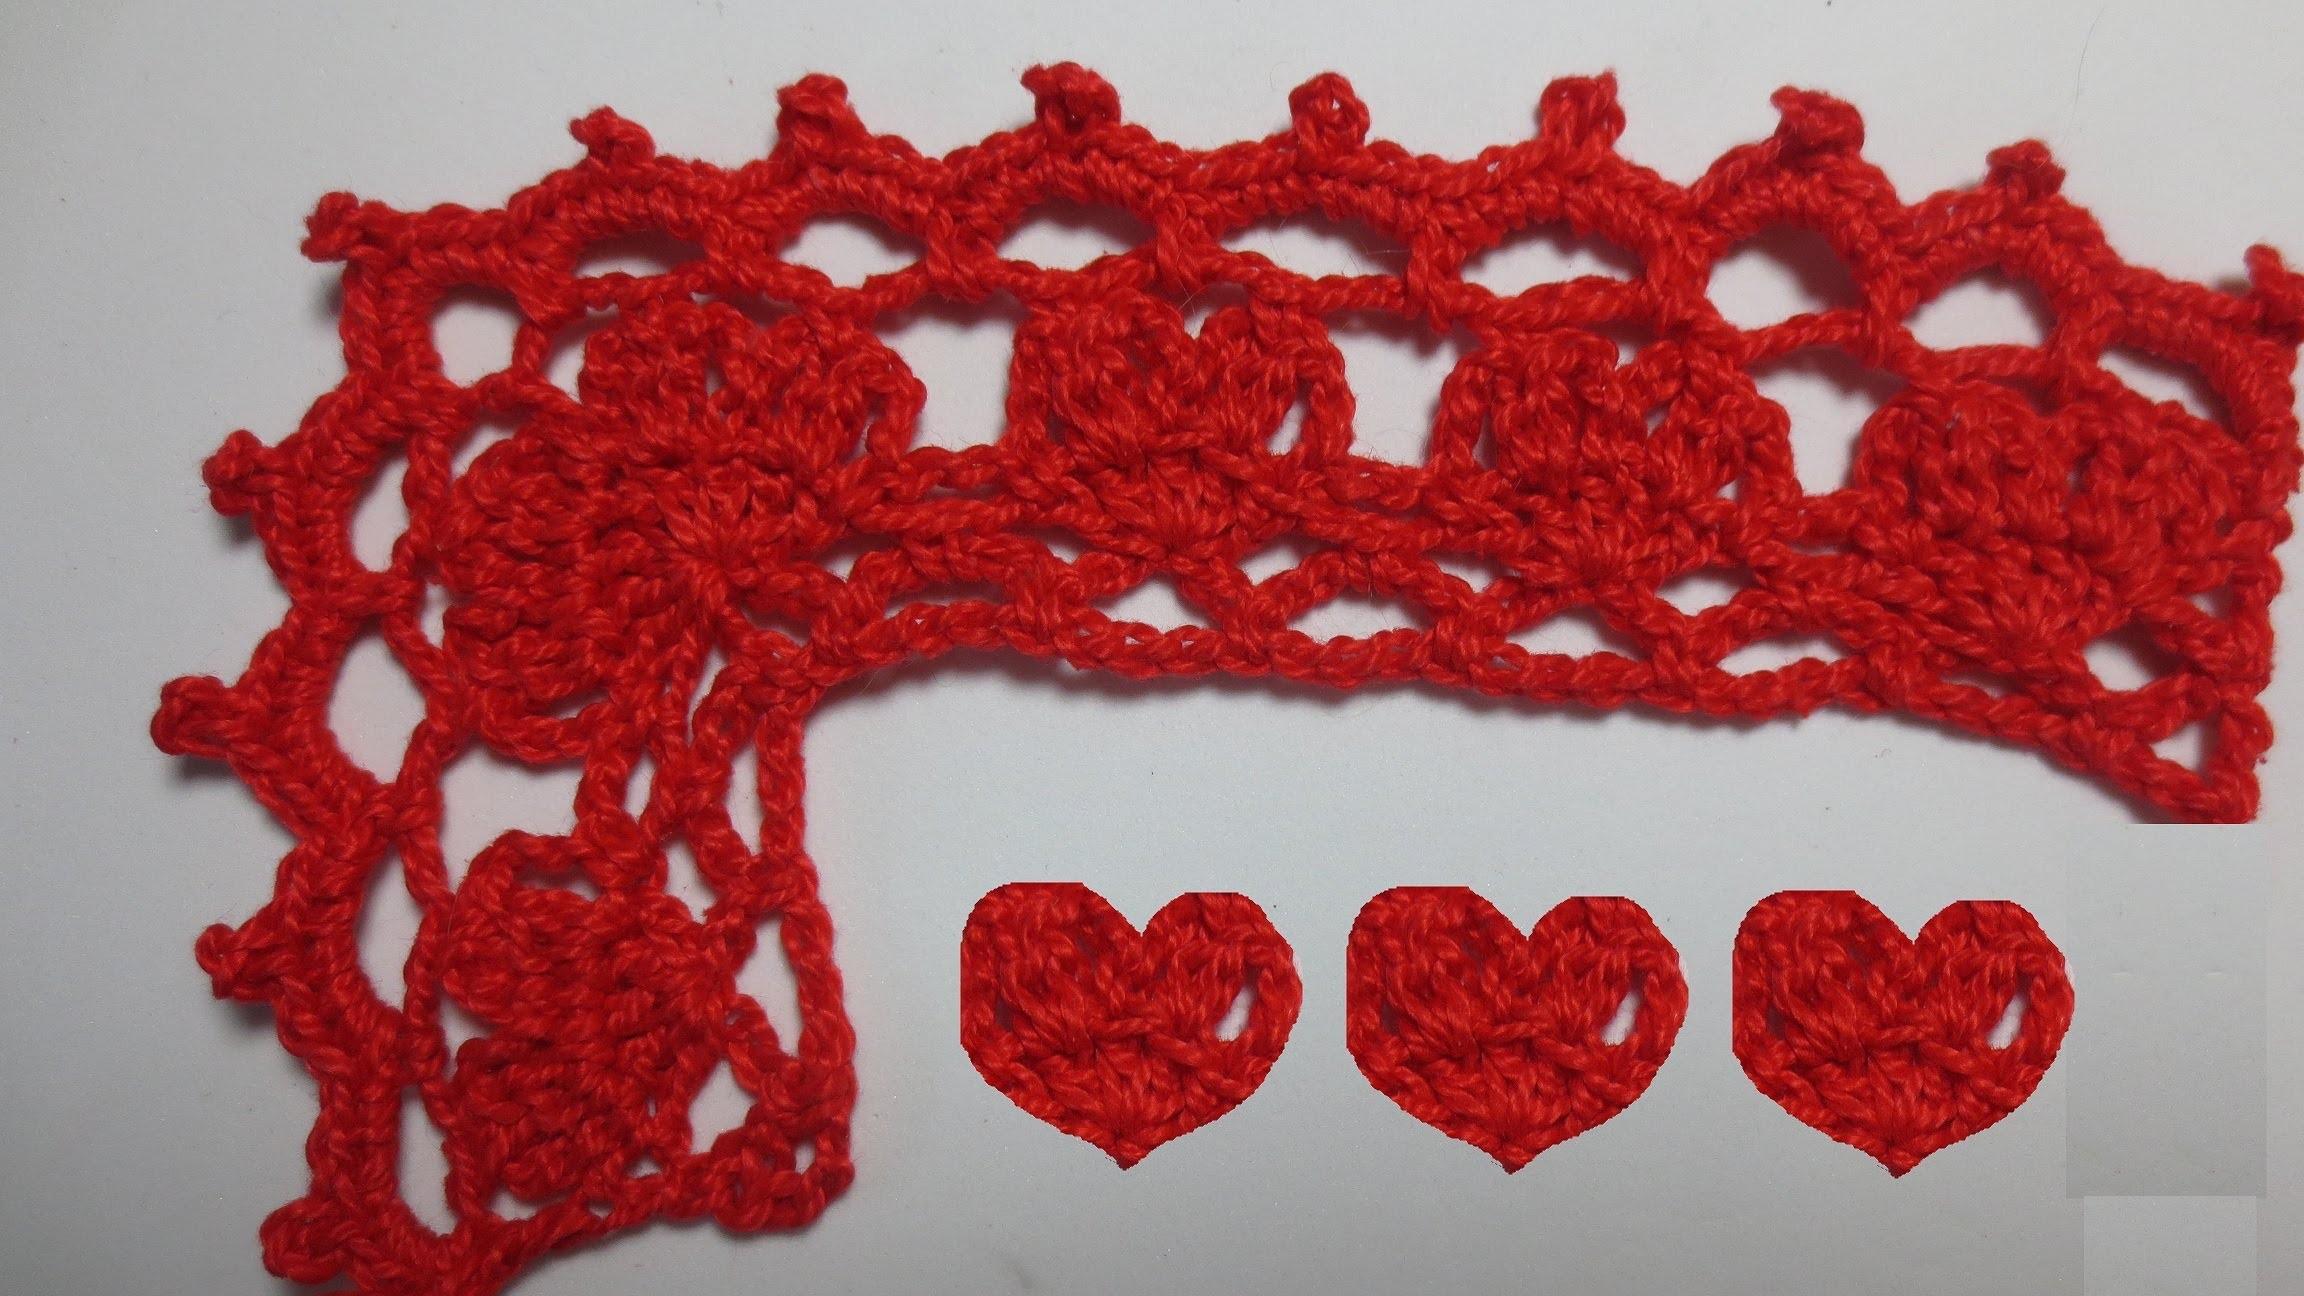 Bordures de corazones con esquina (Crochet)